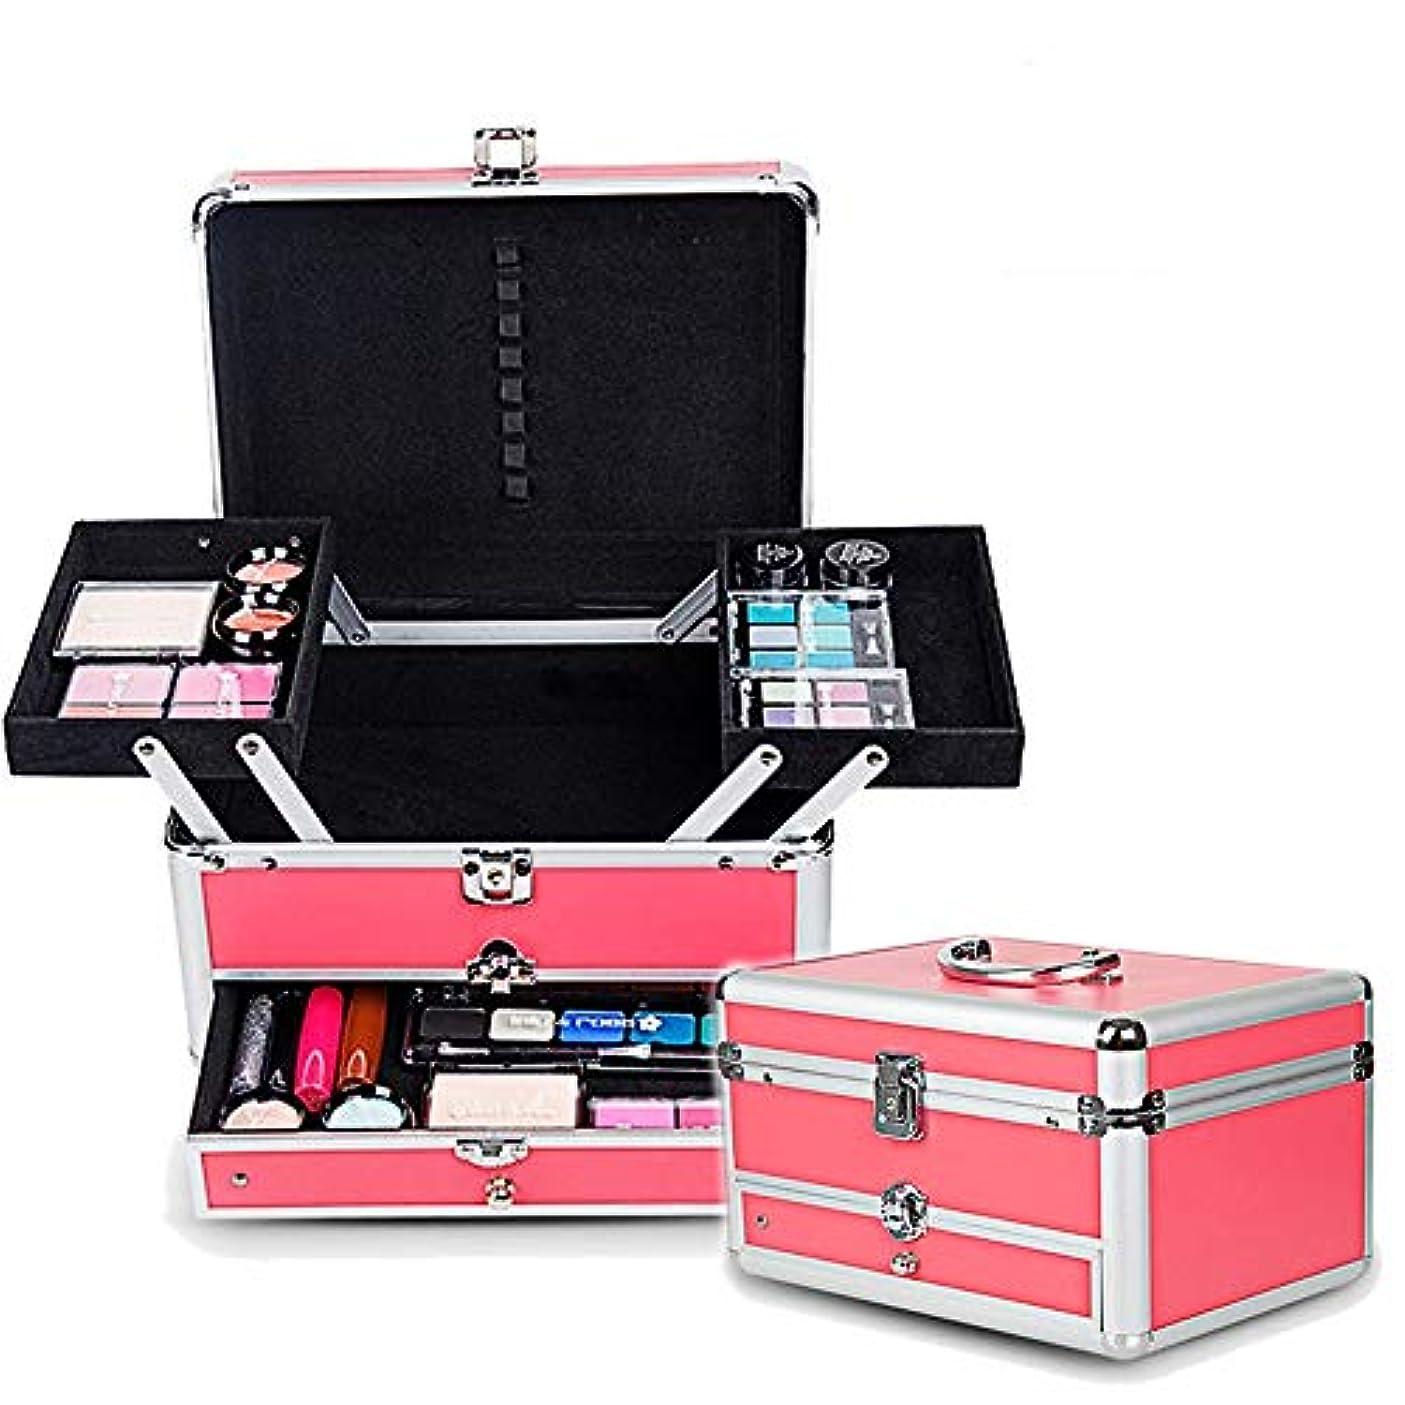 ビザ具体的にエンジン特大スペース収納ビューティーボックス 女の子の女性旅行のための新しく、実用的な携帯用化粧箱およびロックおよび皿が付いている毎日の貯蔵 化粧品化粧台 (色 : ピンク)